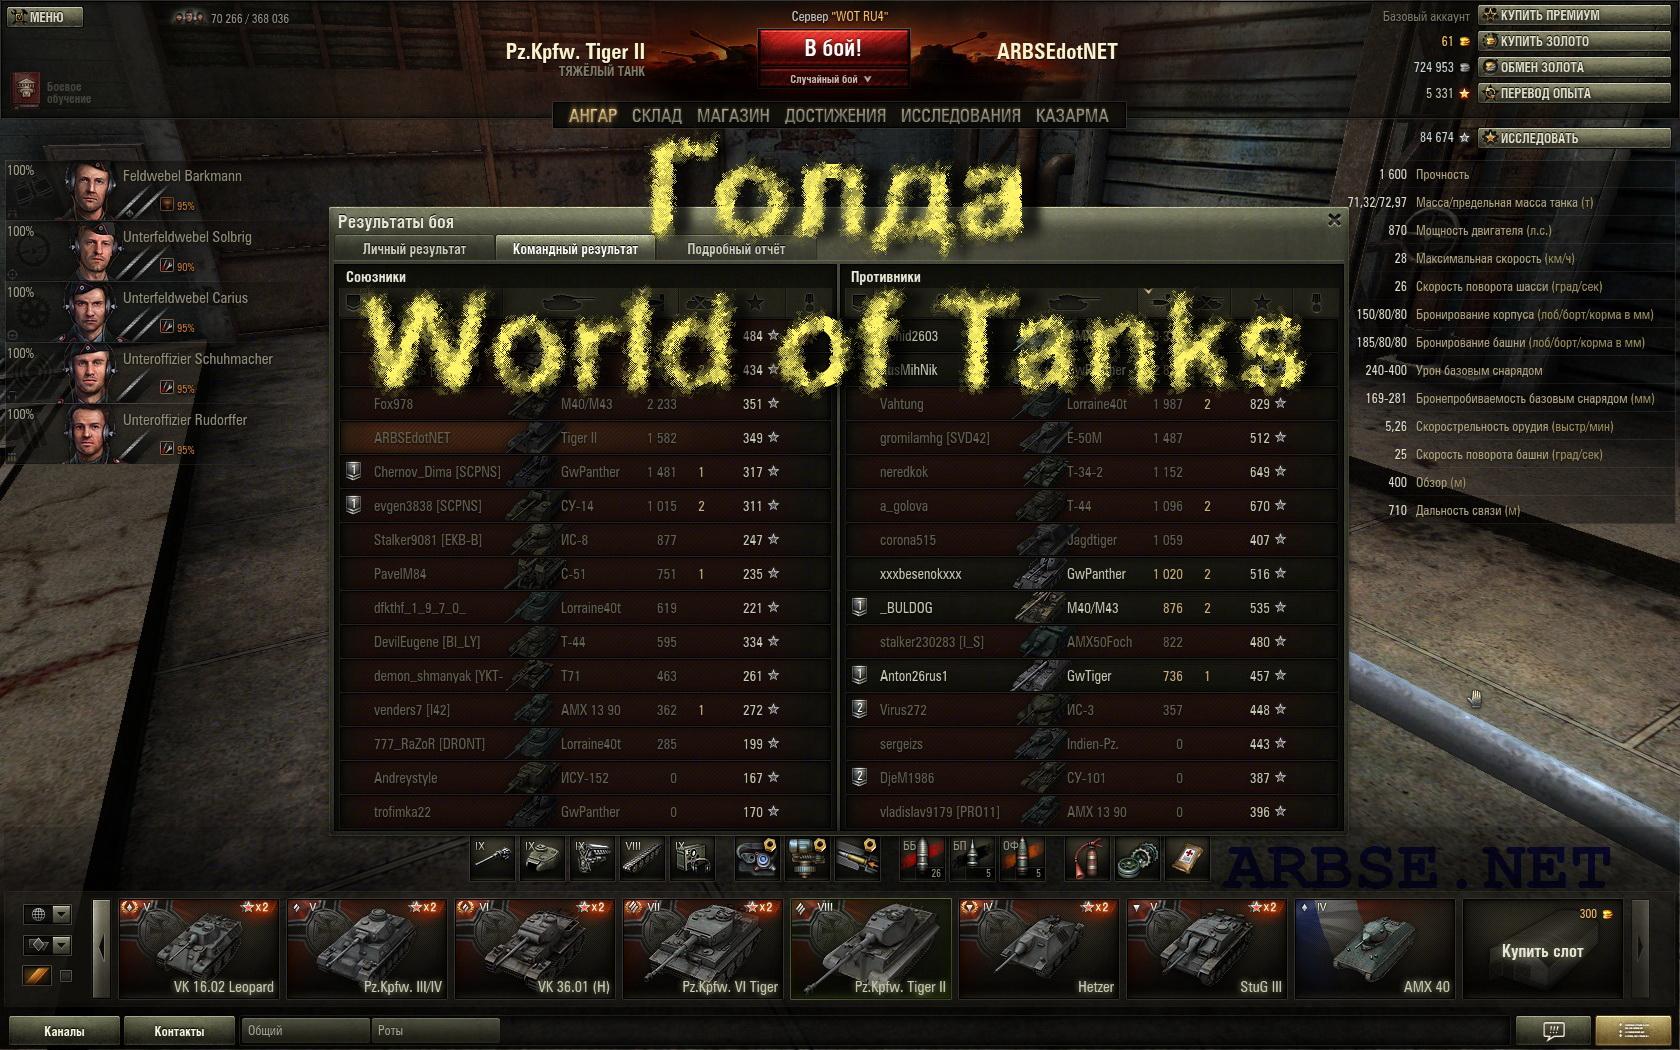 Как добывать золото в ворлд оф танкс